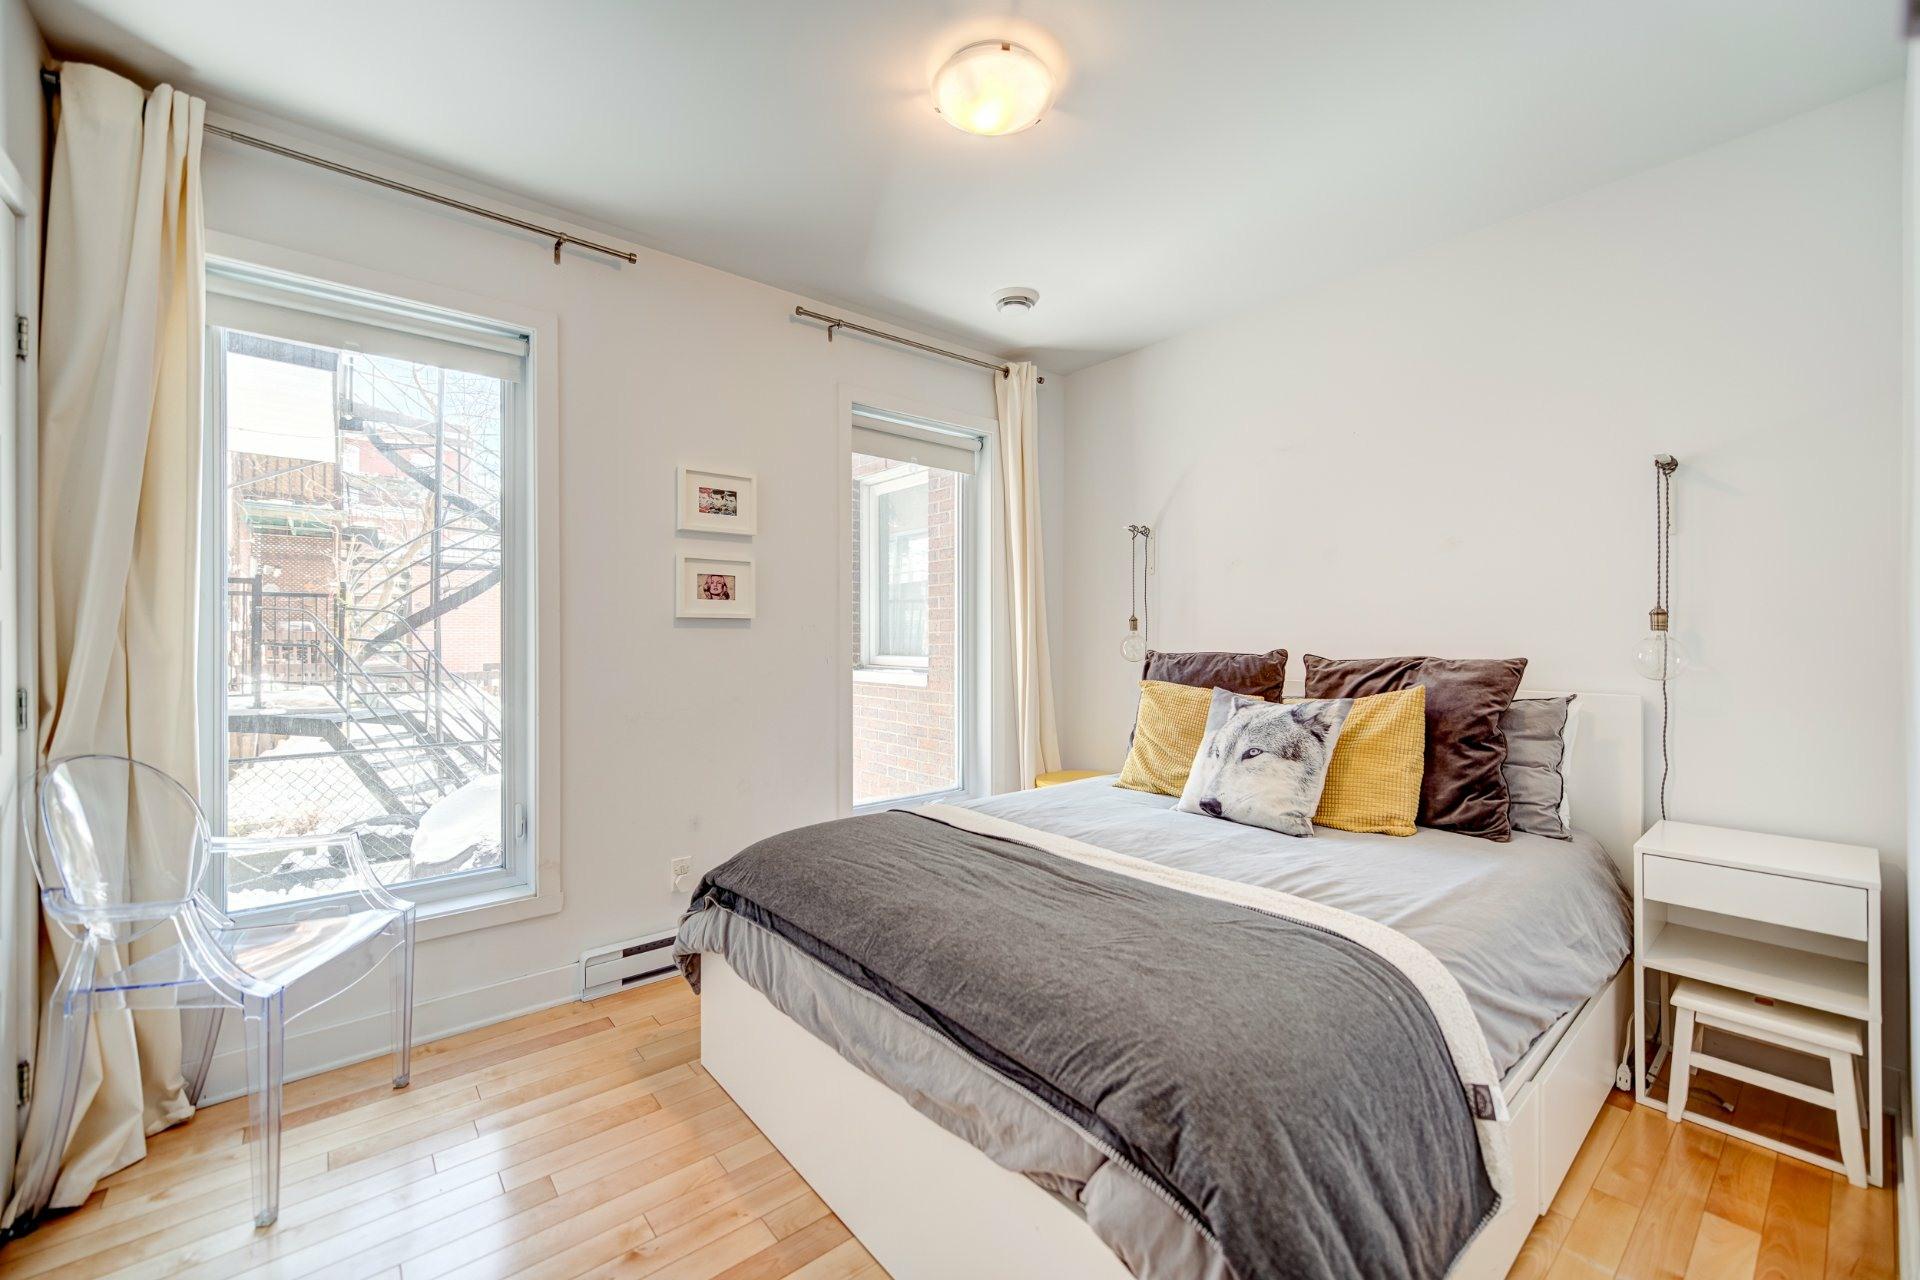 image 11 - Appartement À vendre Rosemont/La Petite-Patrie Montréal  - 6 pièces